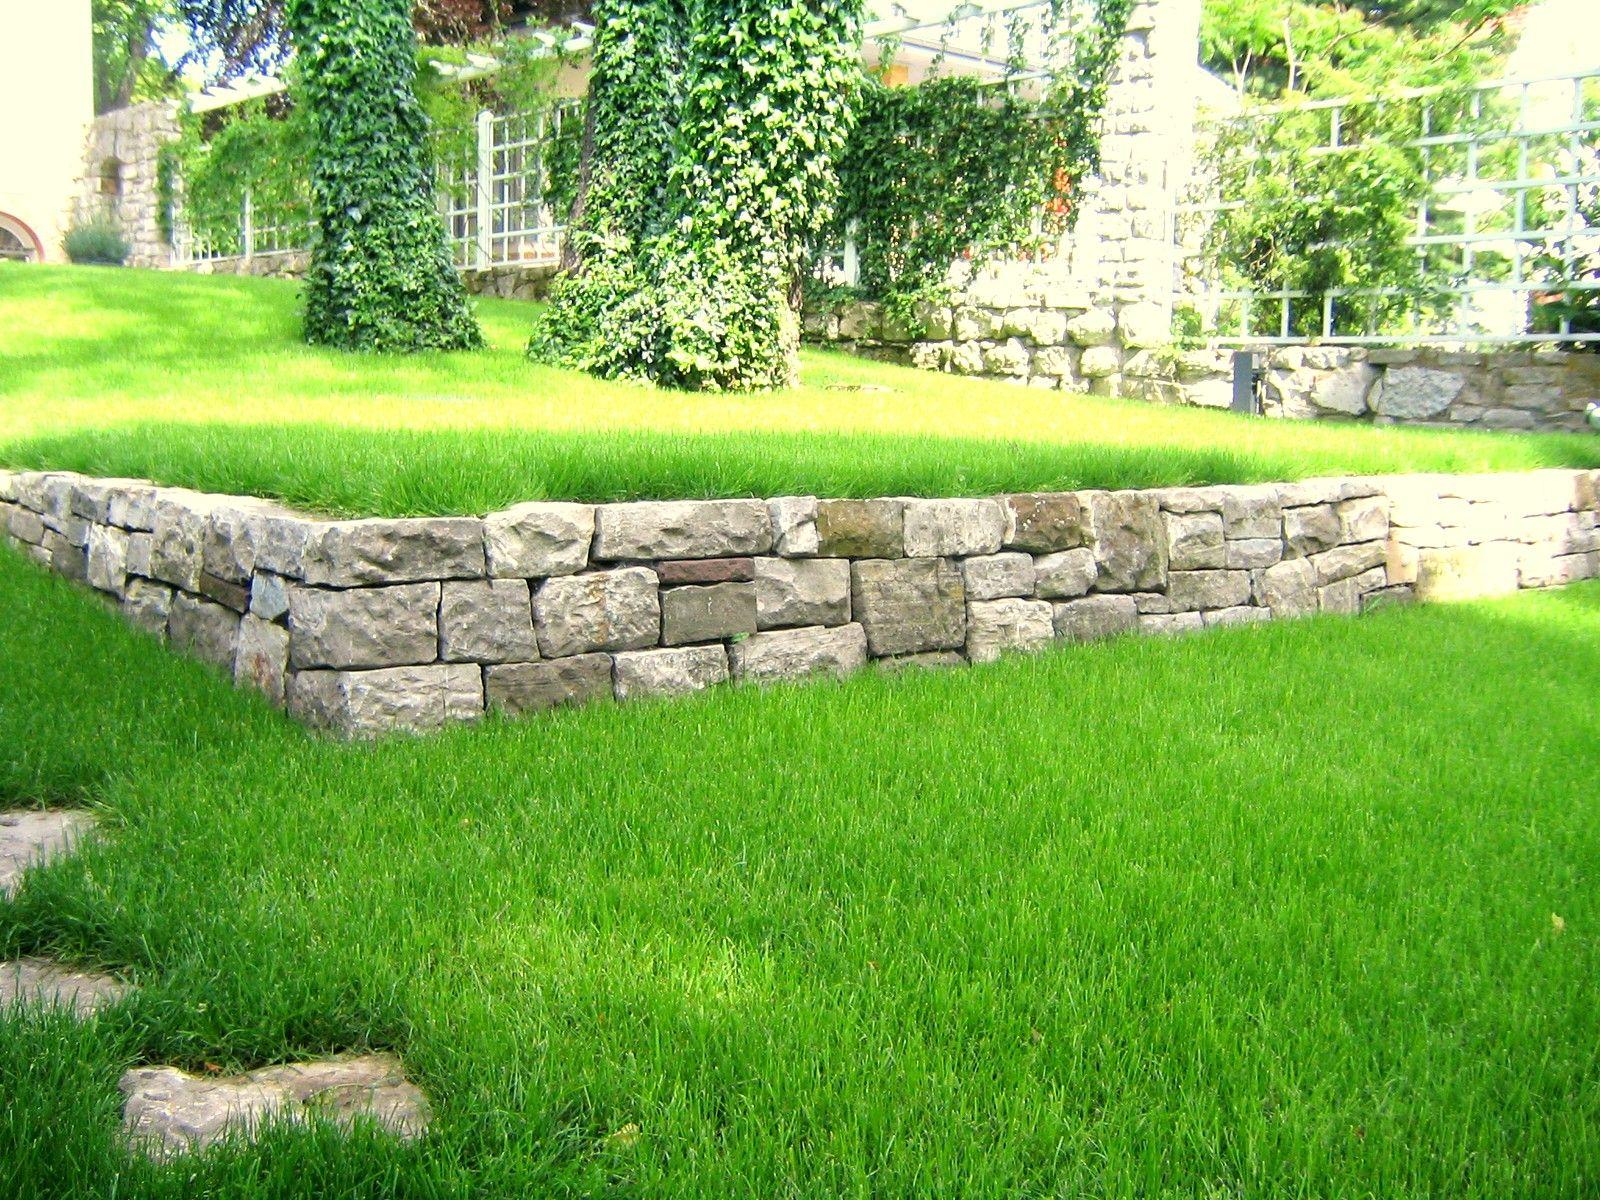 Gartenmauer vorsprung erh hung garten pinterest - Wall im garten anlegen ...